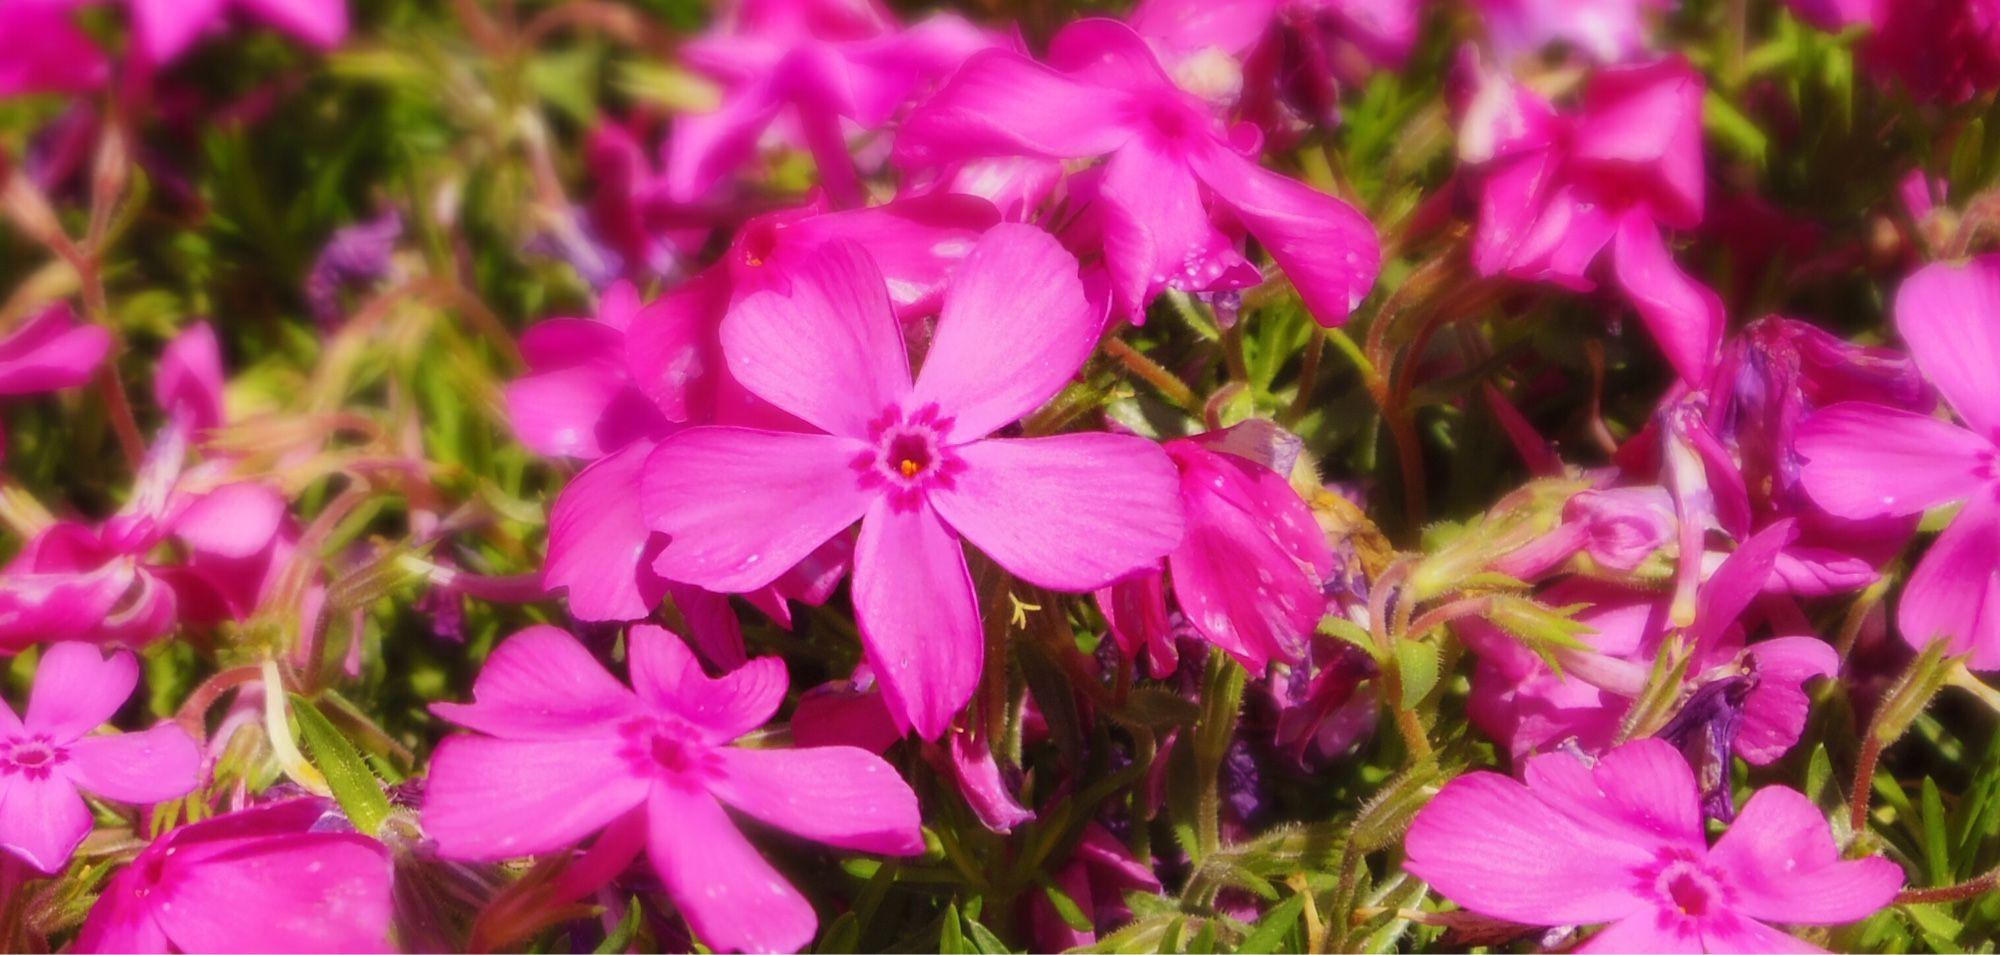 〔路傍の春〕ハナツメグサ Moss pink